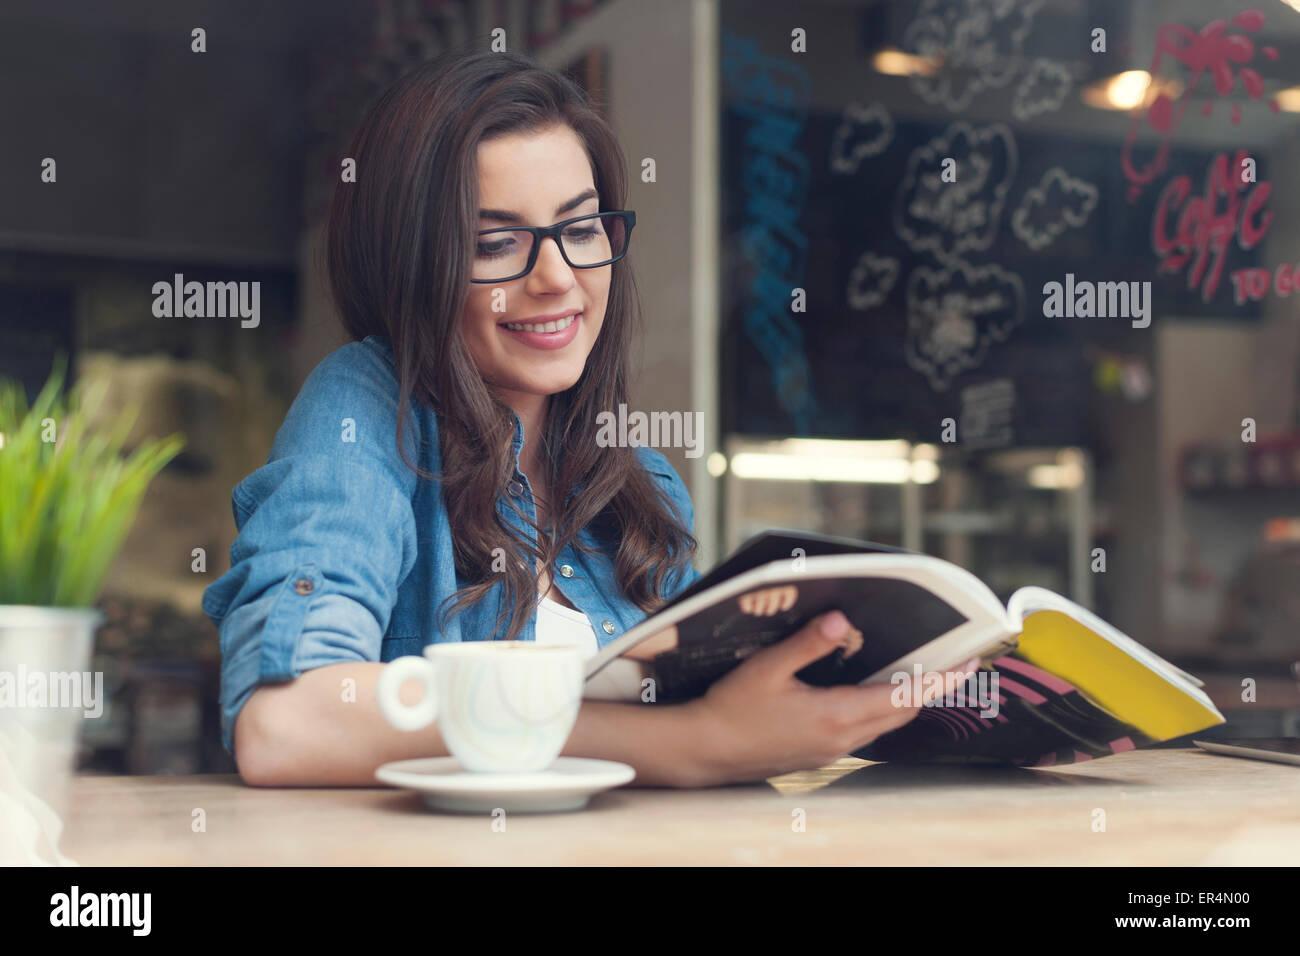 Mujer sonriente la lectura de periódicos en el cafe. Cracovia, Polonia Foto de stock